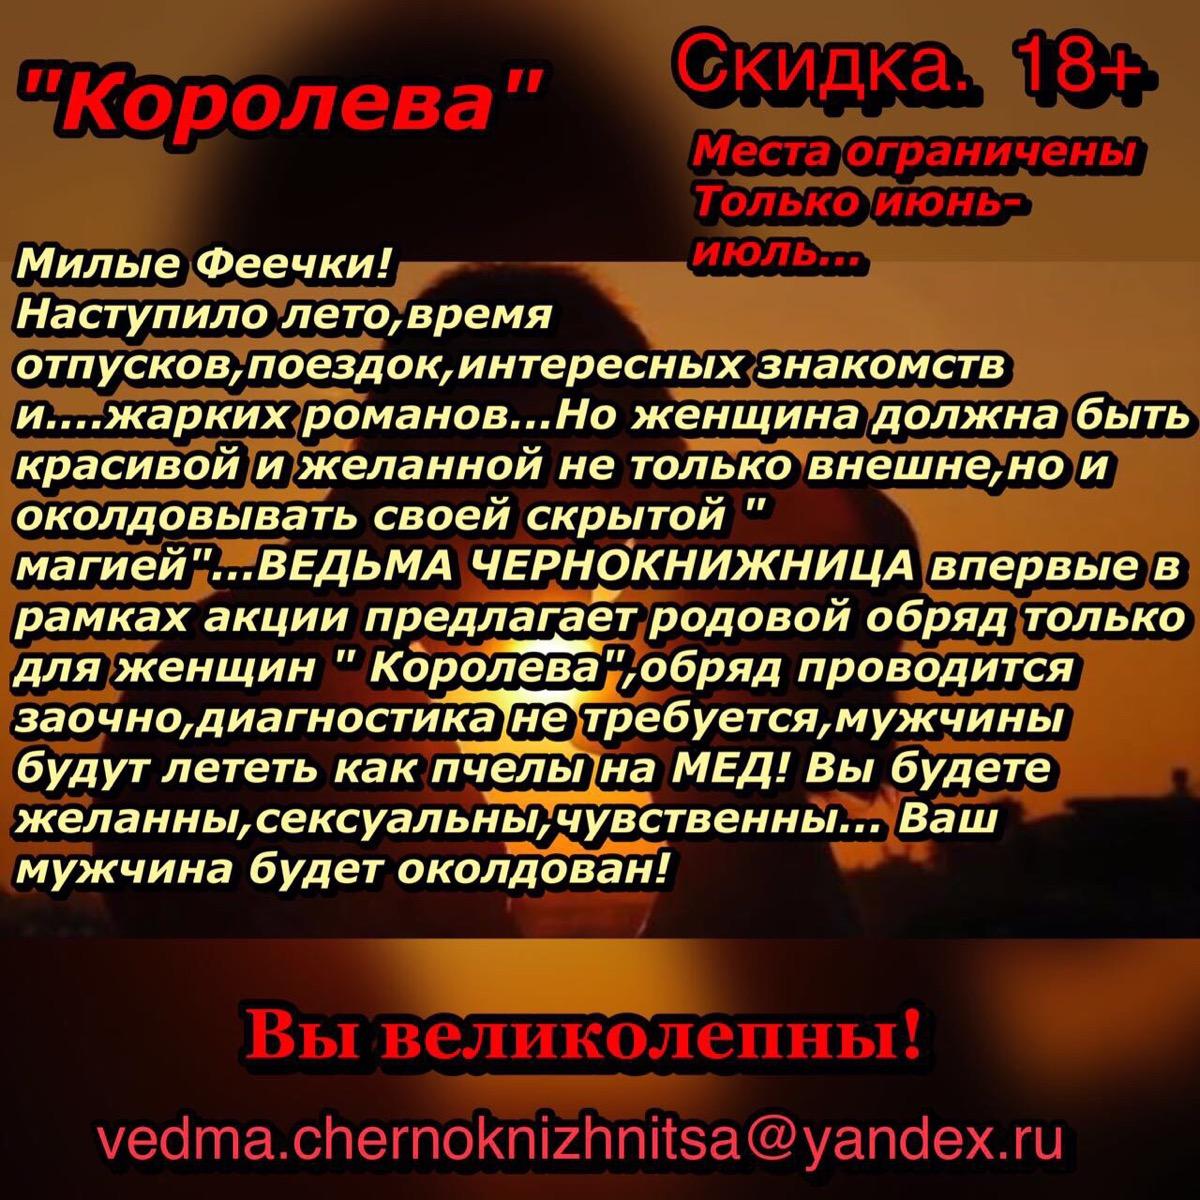 http://se.uploads.ru/Fu0Kx.jpg